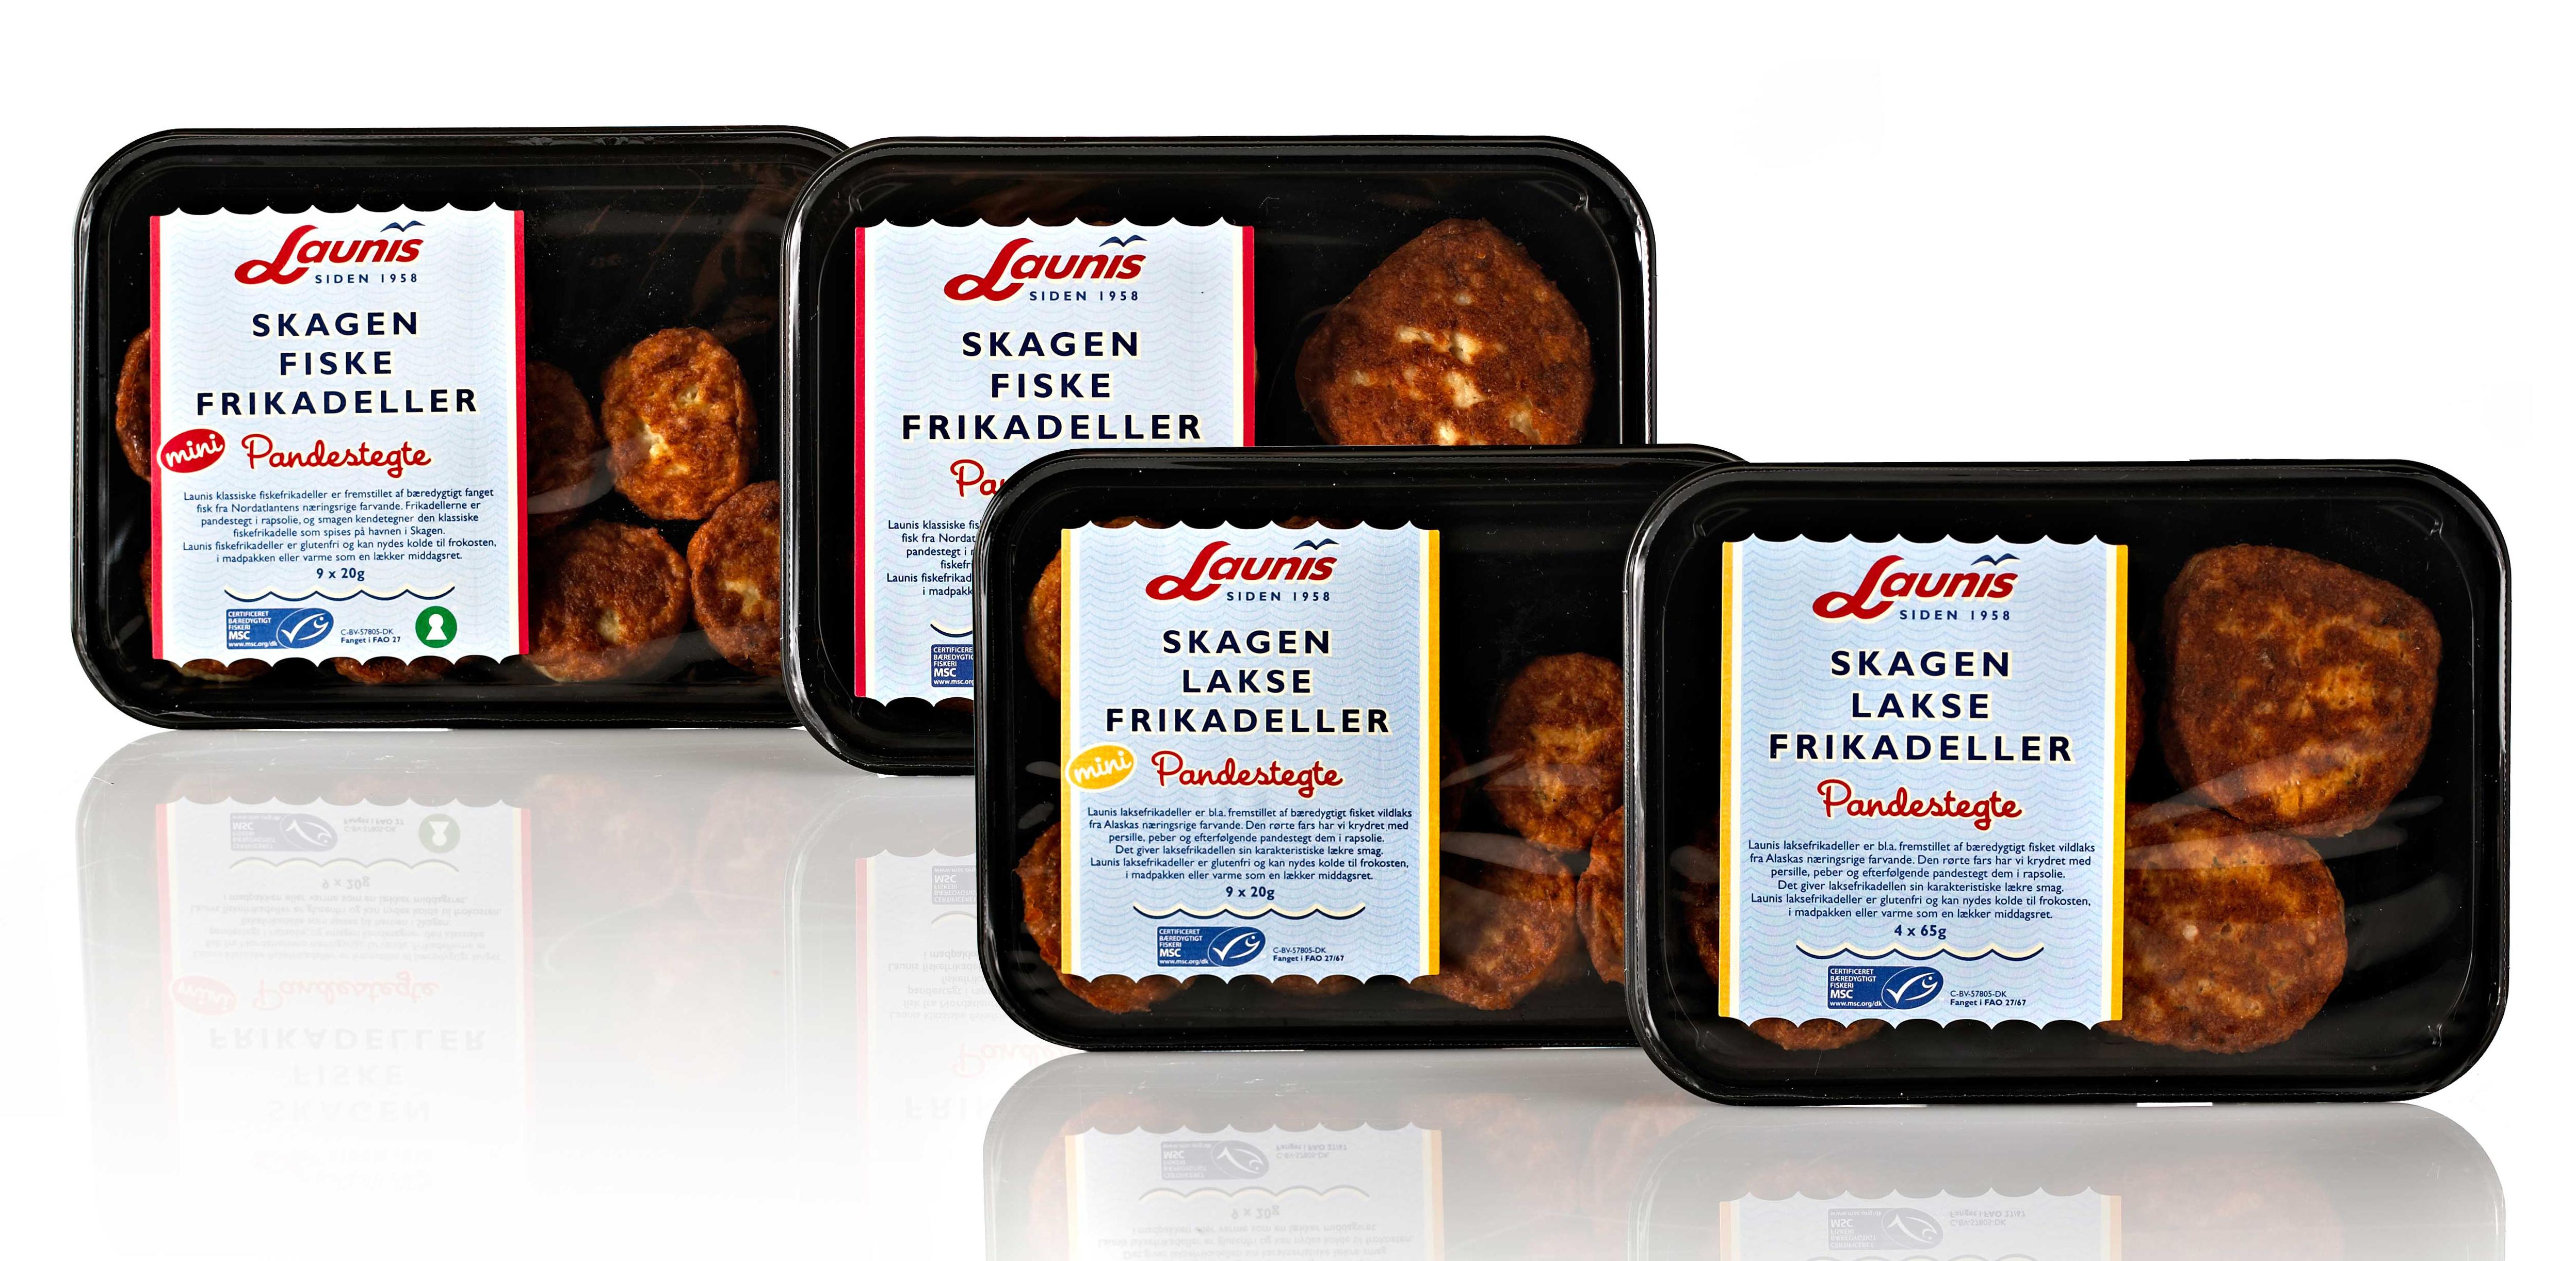 Launis_Skagen_fiskefrikadeller_emballagedesign